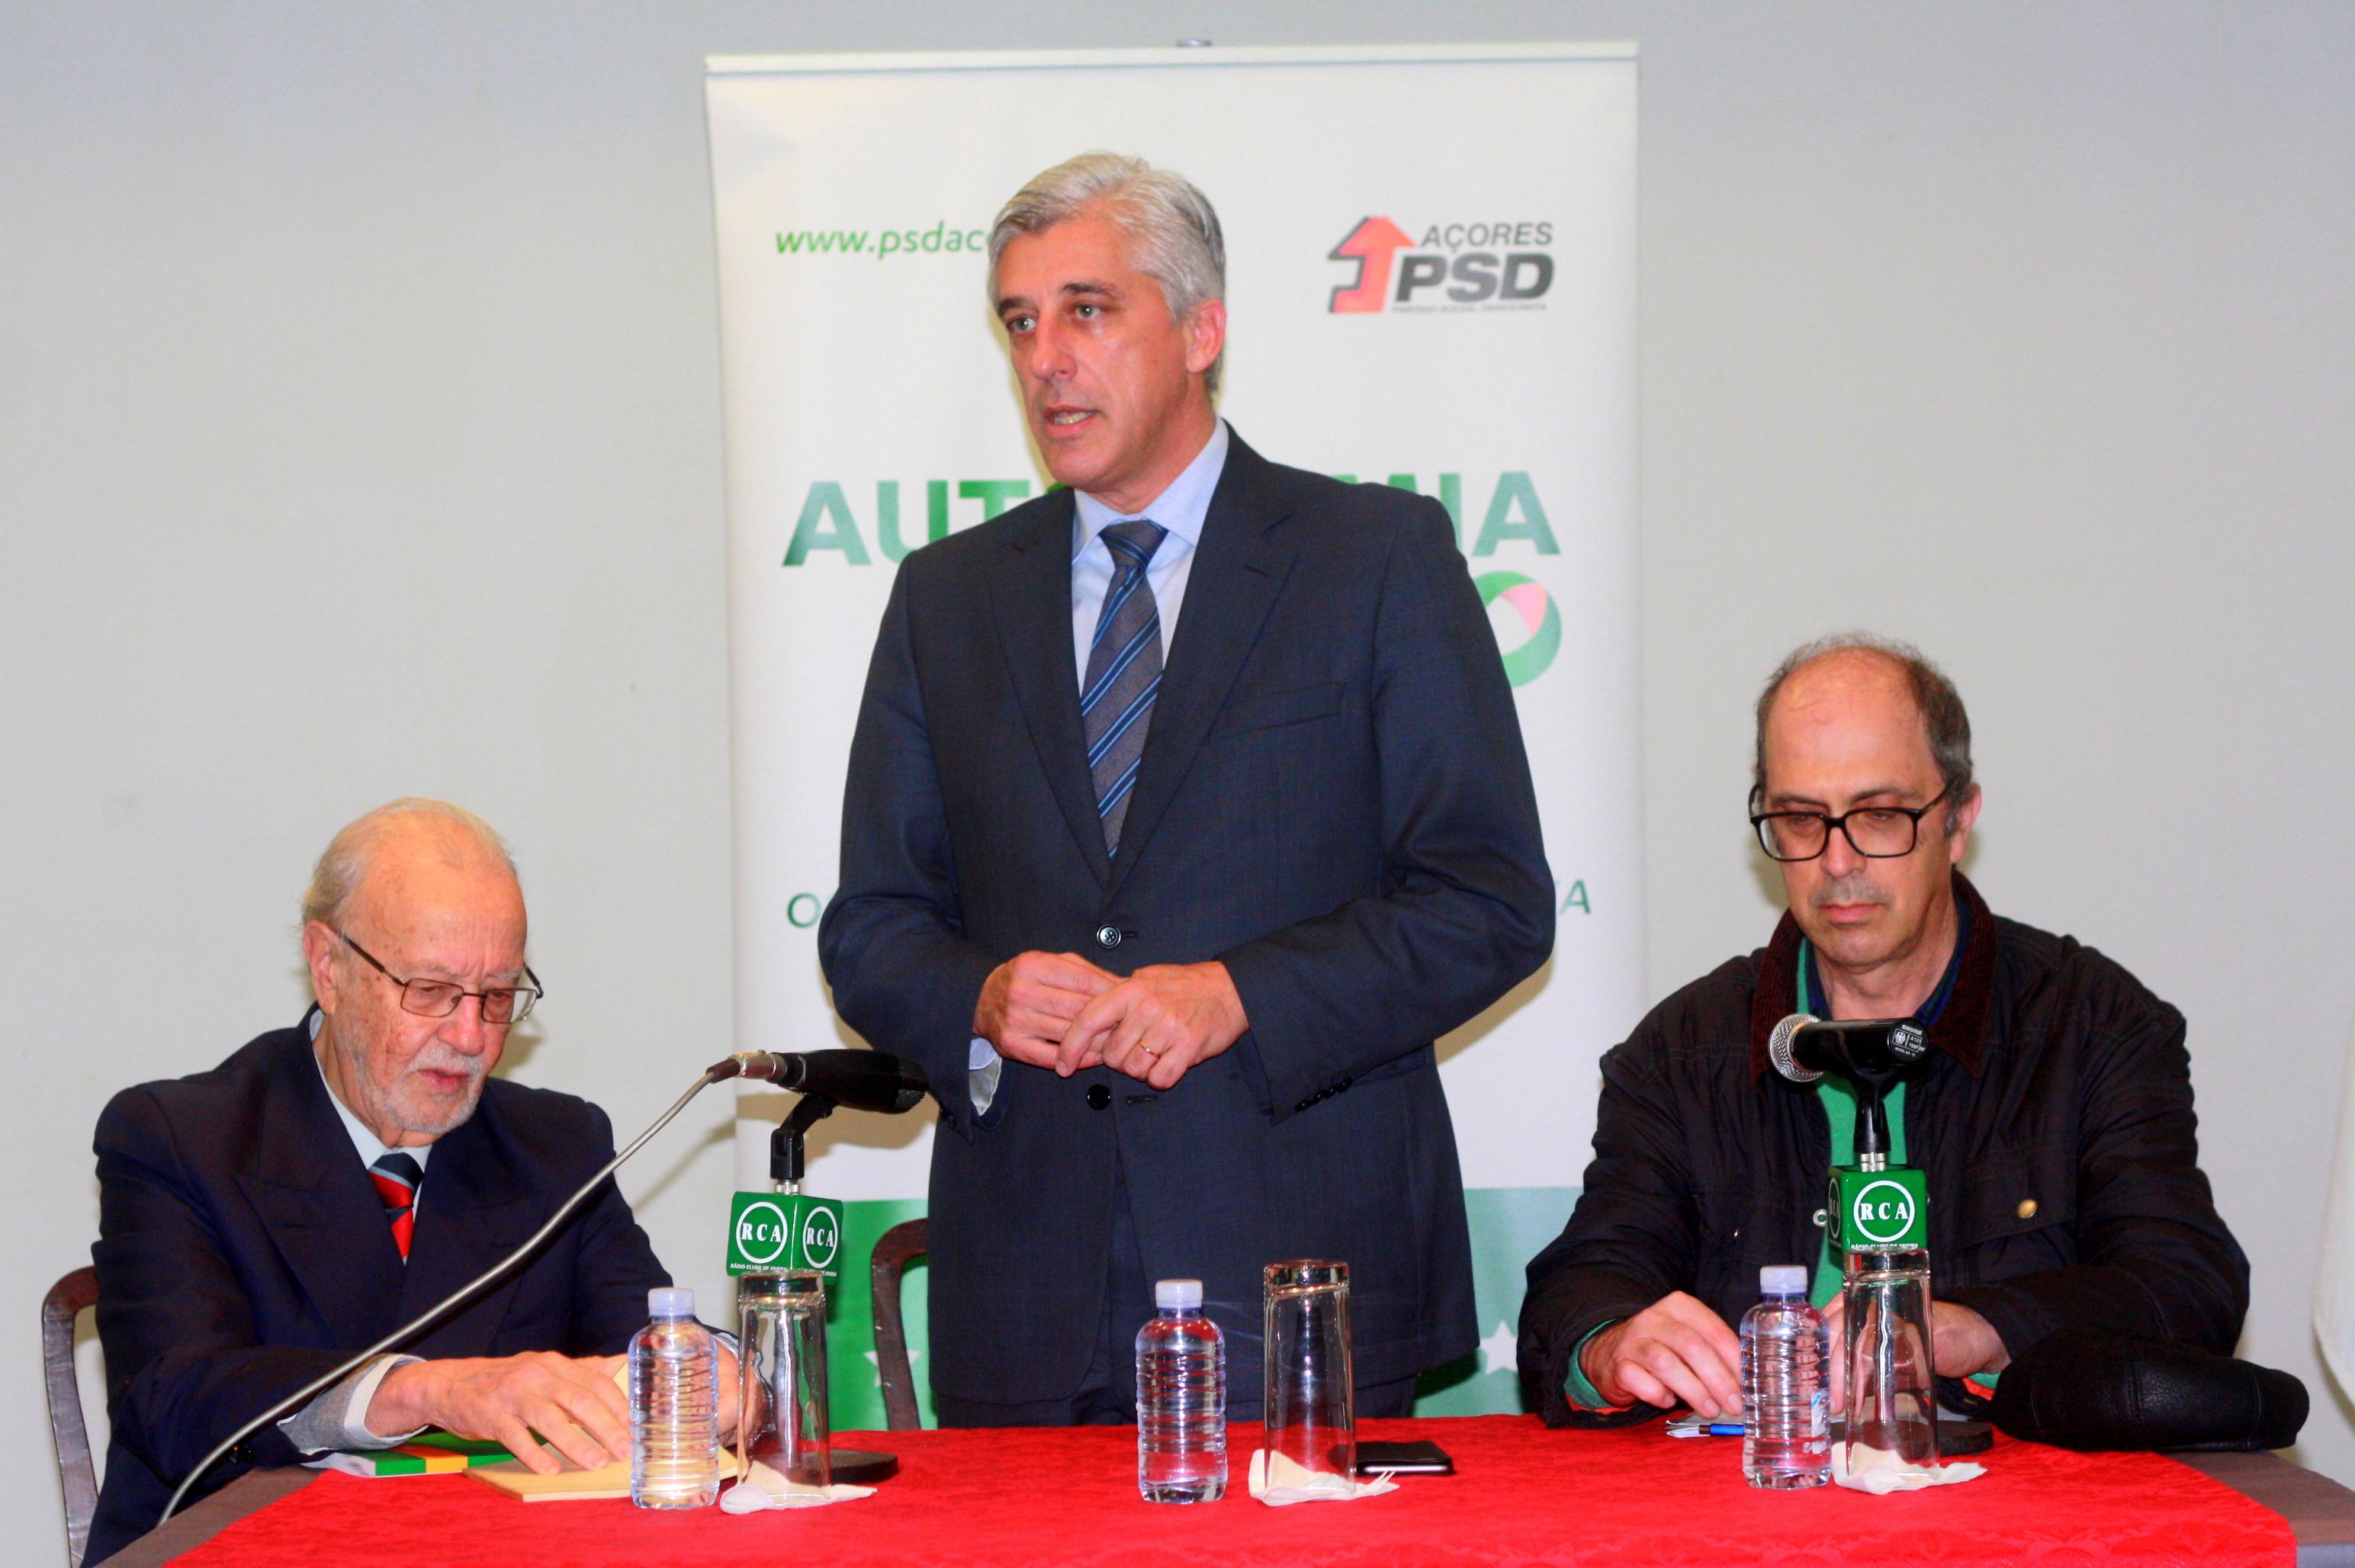 PSD/Açores tem trabalho feito e caminhos traçados para a reforma da Autonomia